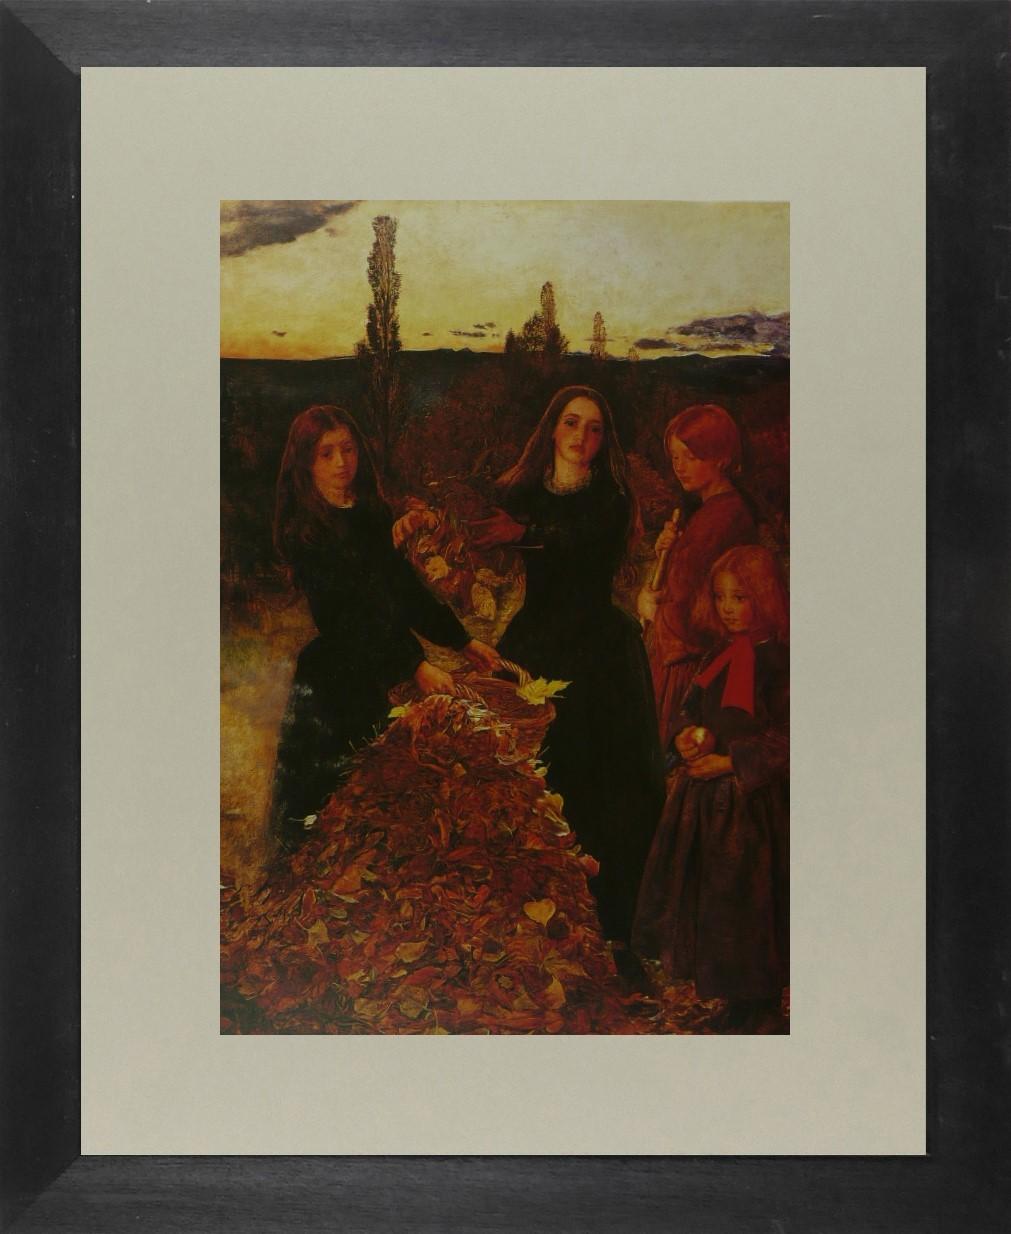 Auburn Leaves - Sir John Everett Millais - Framed Picture 11 x 14